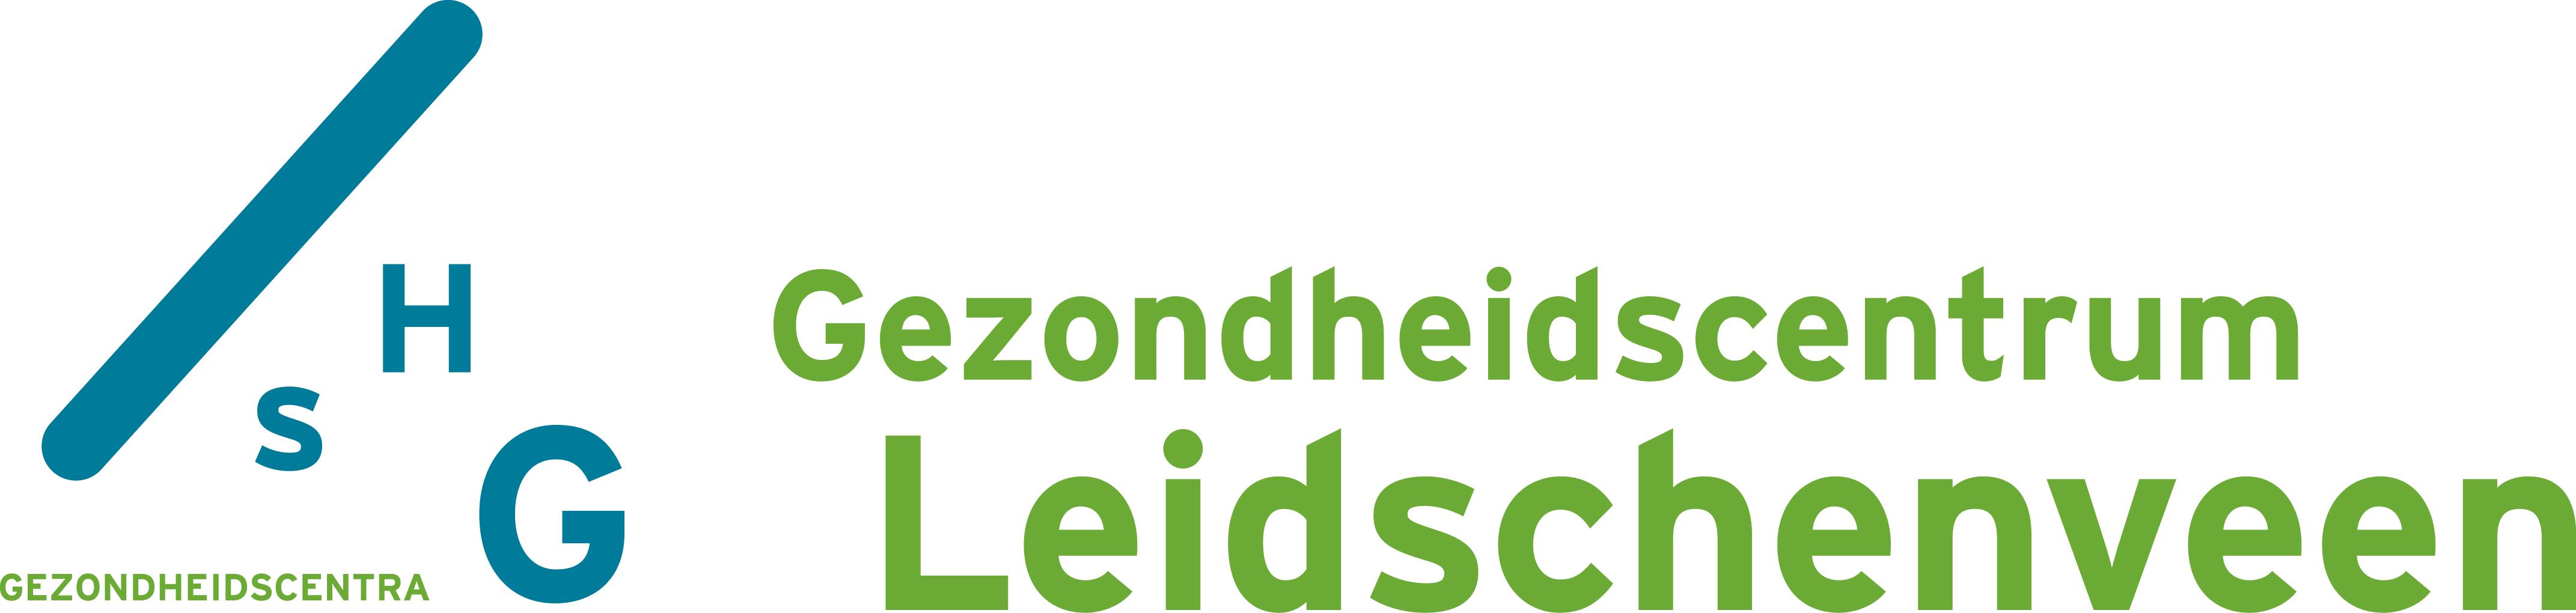 Gezondheidscentrum Leidschenveen